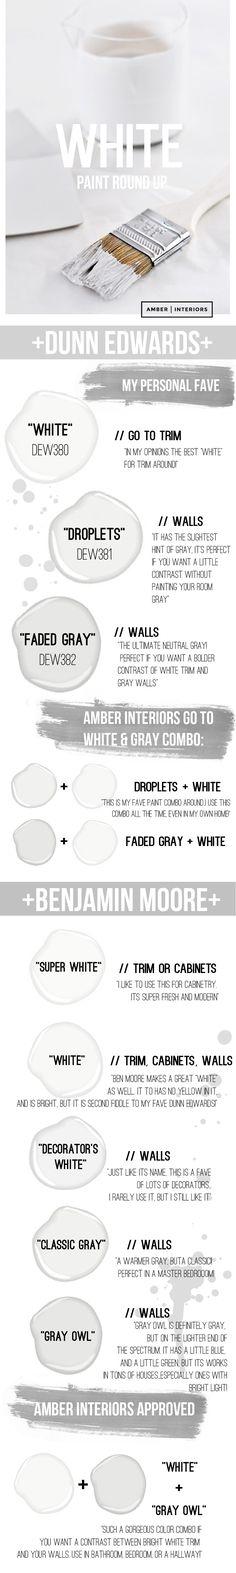 FYI: White Paint round up...